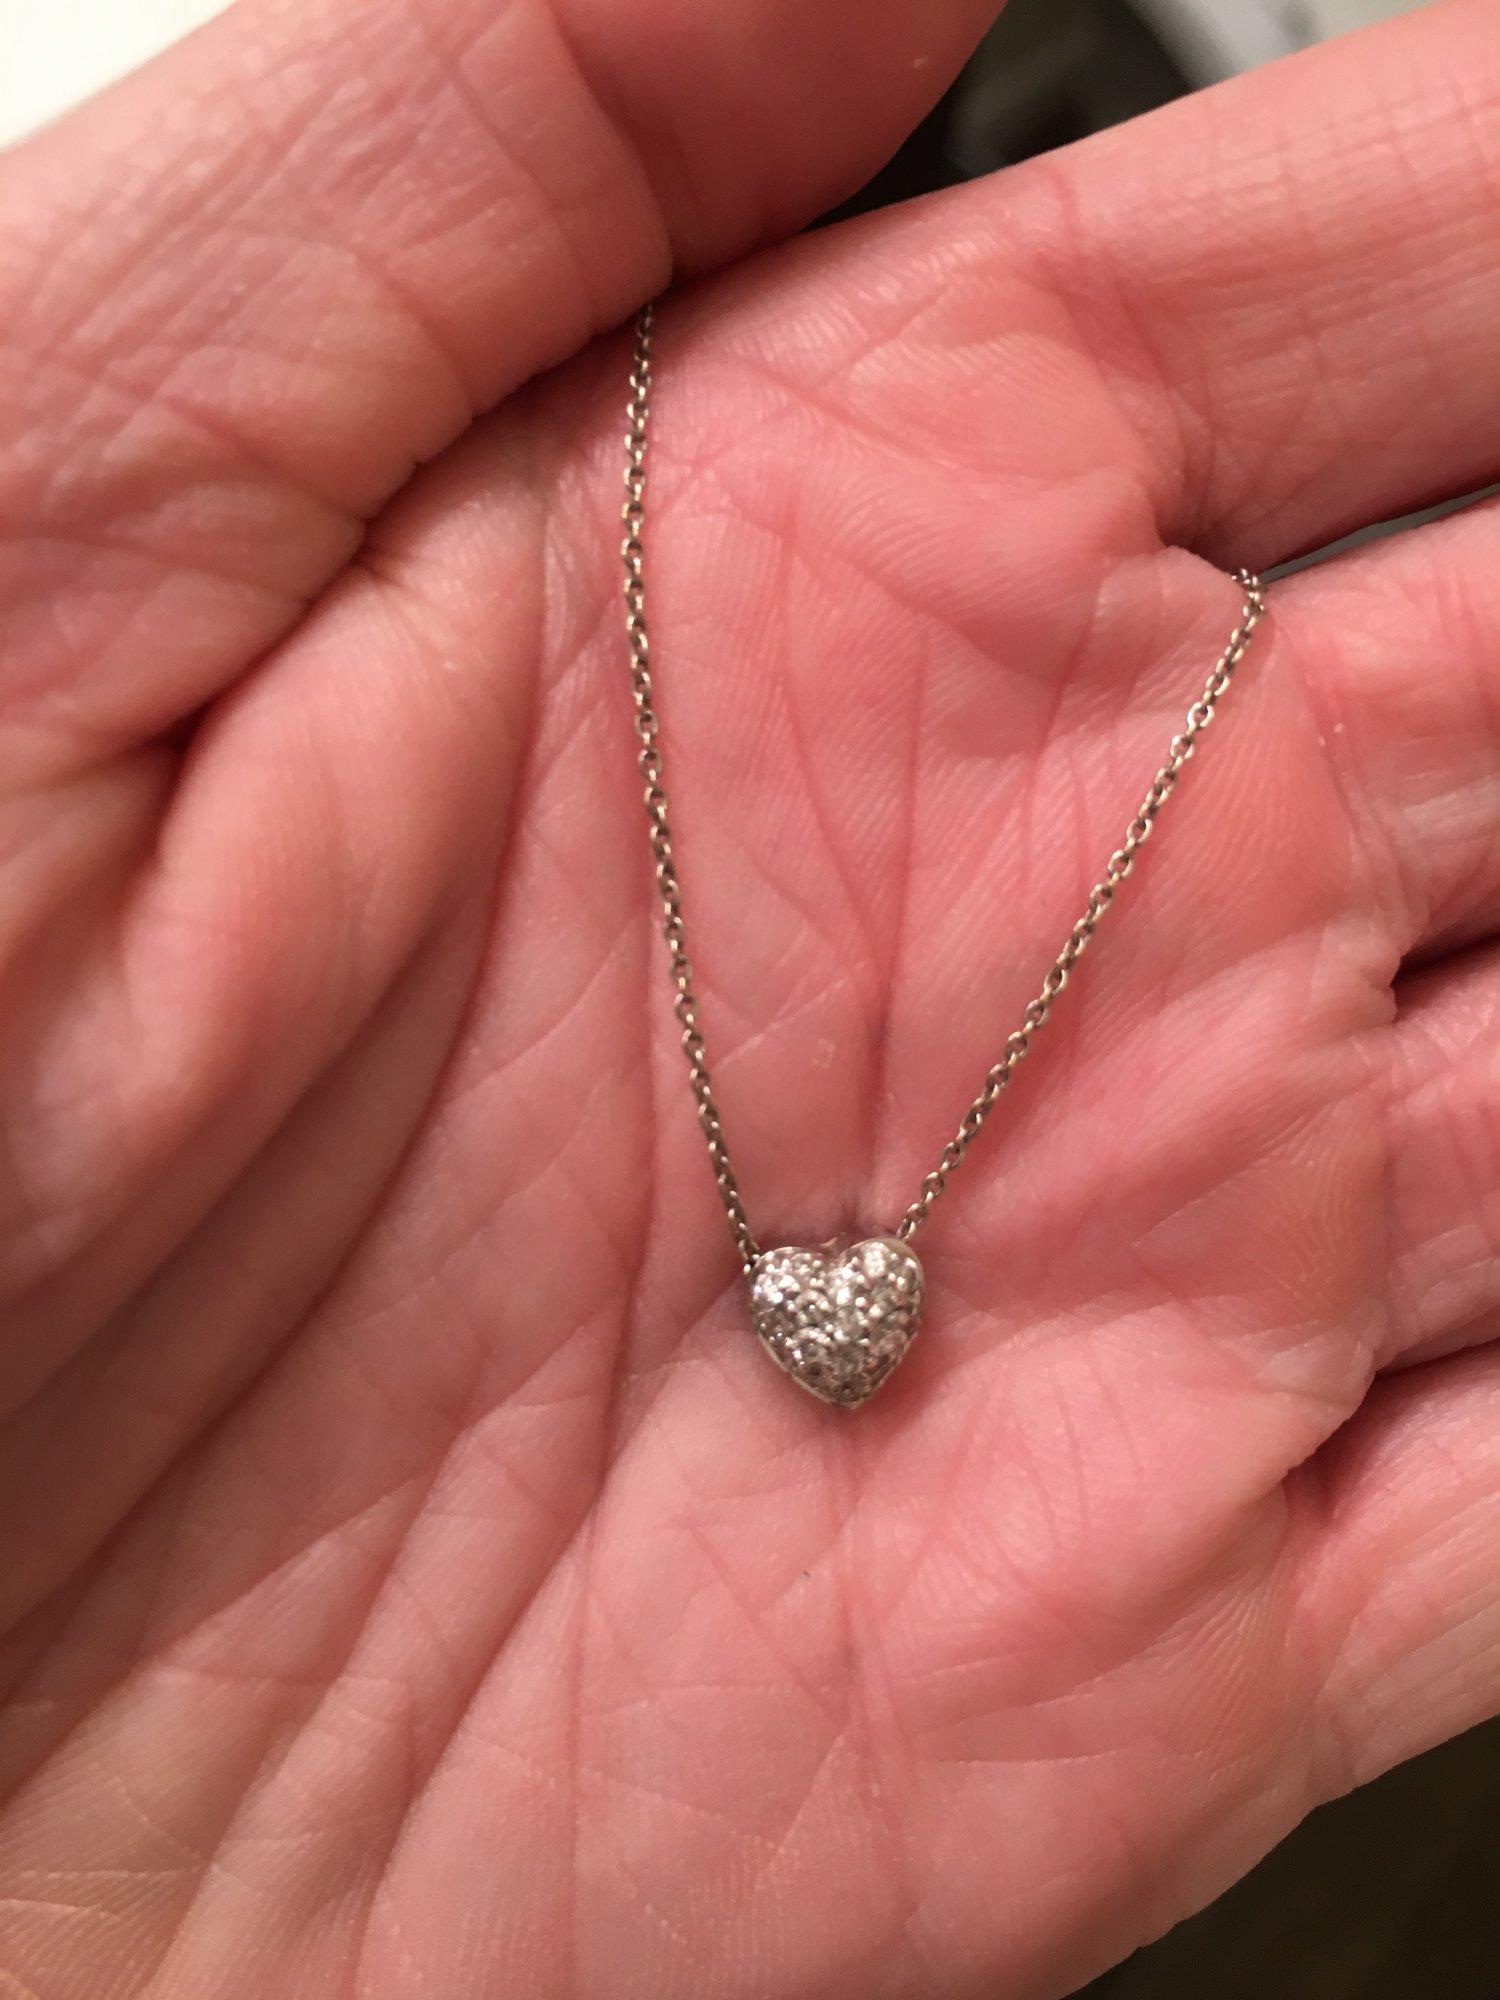 GTKY: Sentimental Jewelry — The Bump